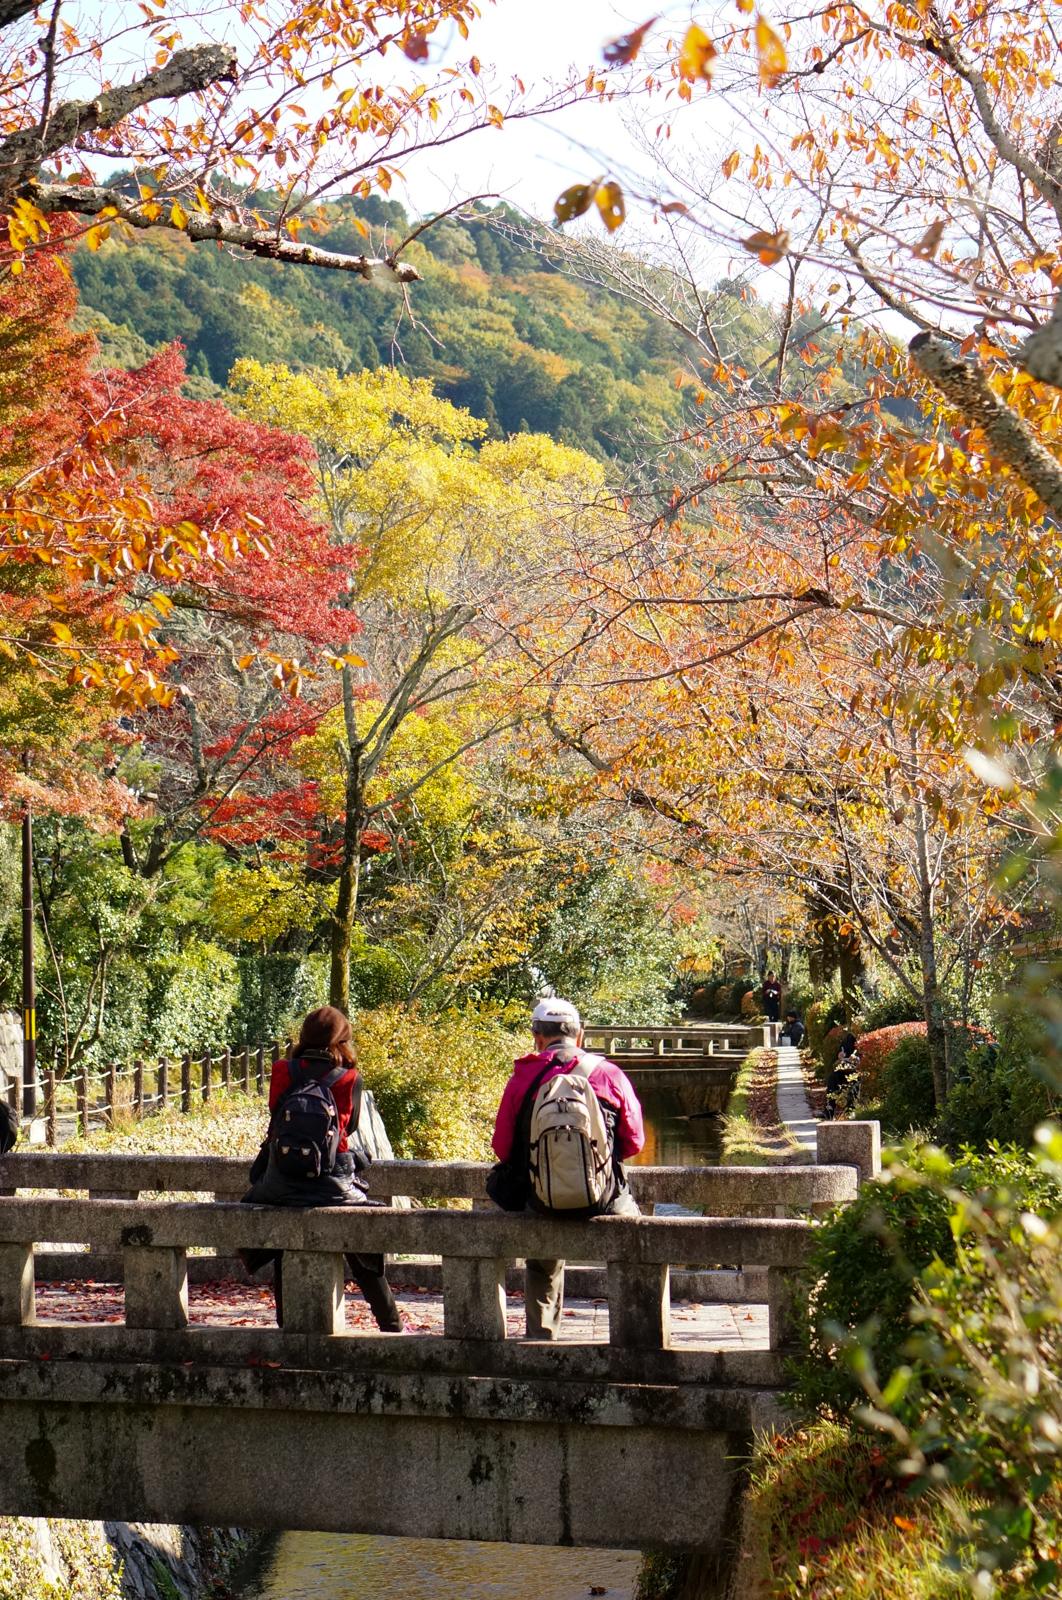 kyoto, kyoto chemin de la philosophie, kyoto momiji, automne kyoto, balade kyoto, séjour kyoto, voyage kyoto, érables kyoto